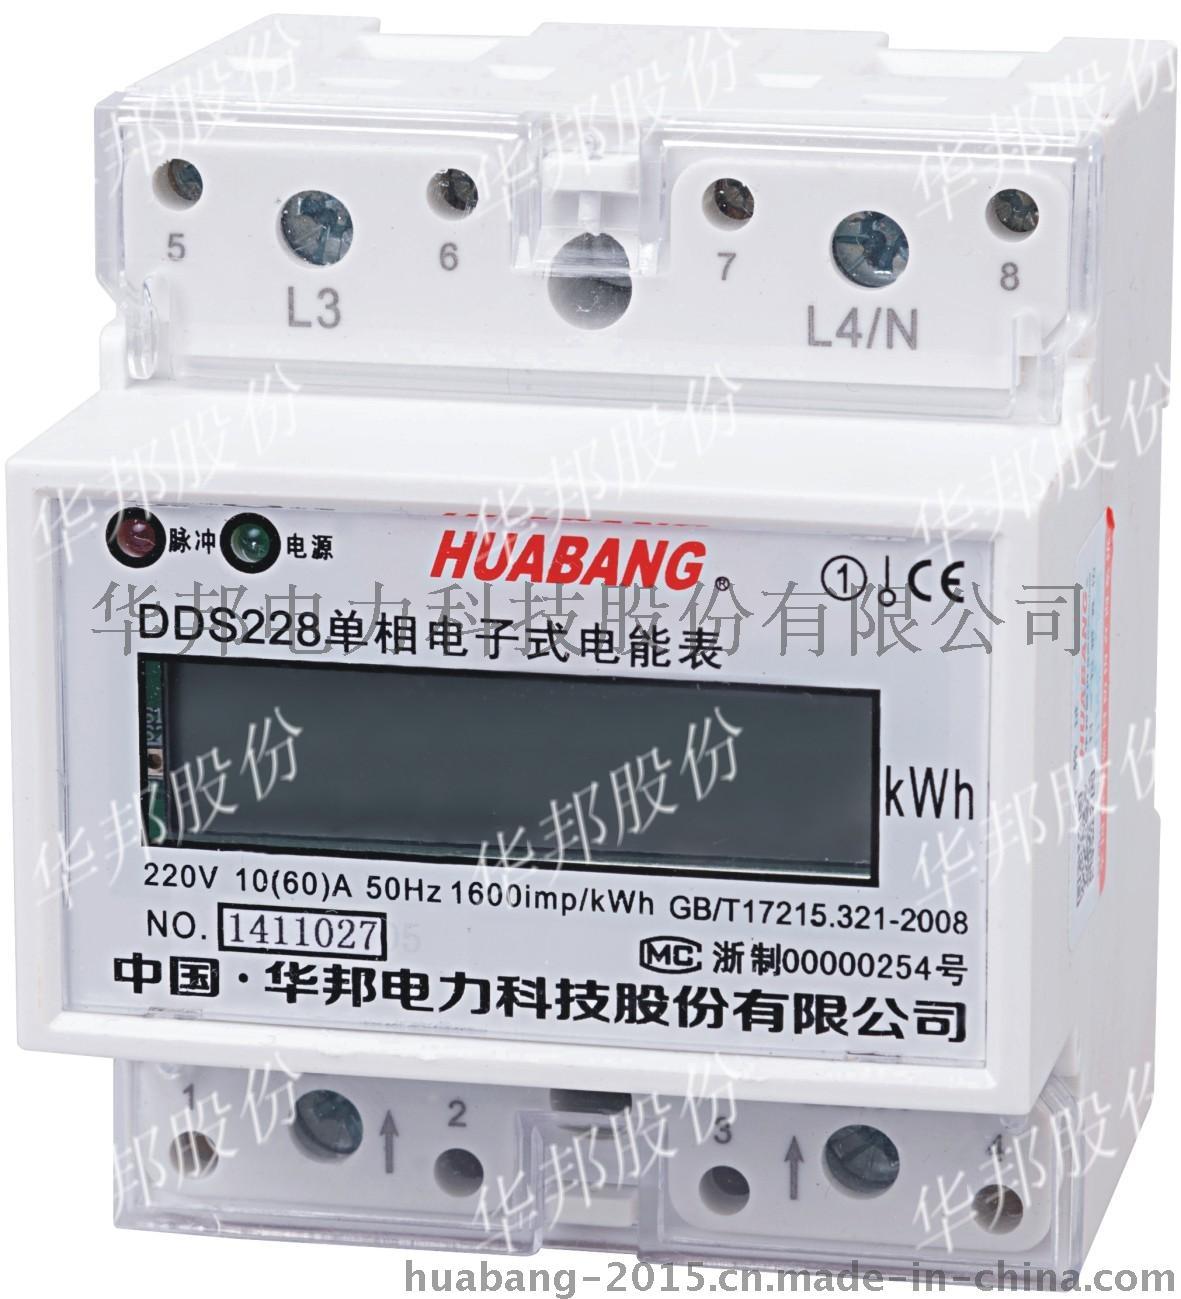 华邦DDS228型单相电子式电能表4P液晶显示红外485通讯684574585